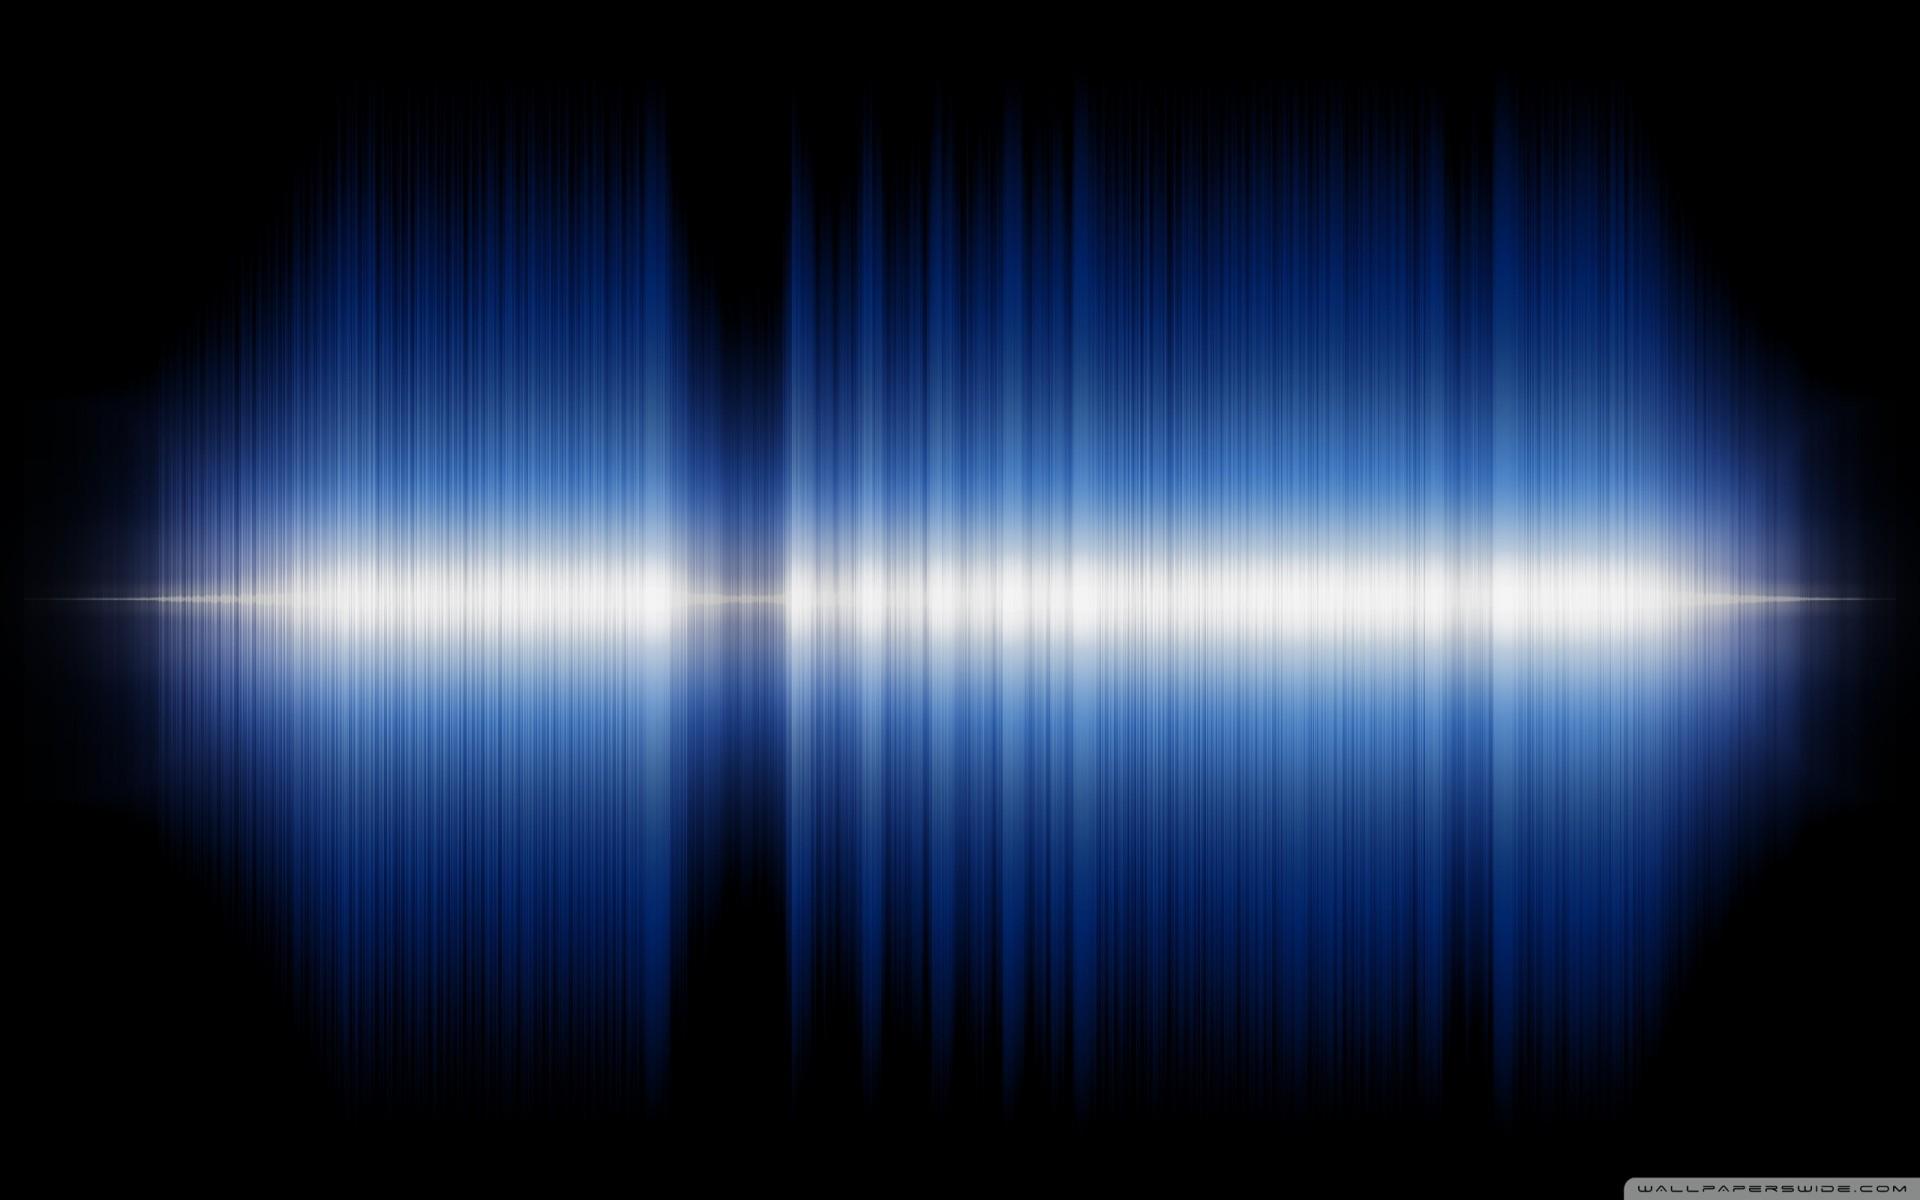 Audio Sound Wave Wallpaper